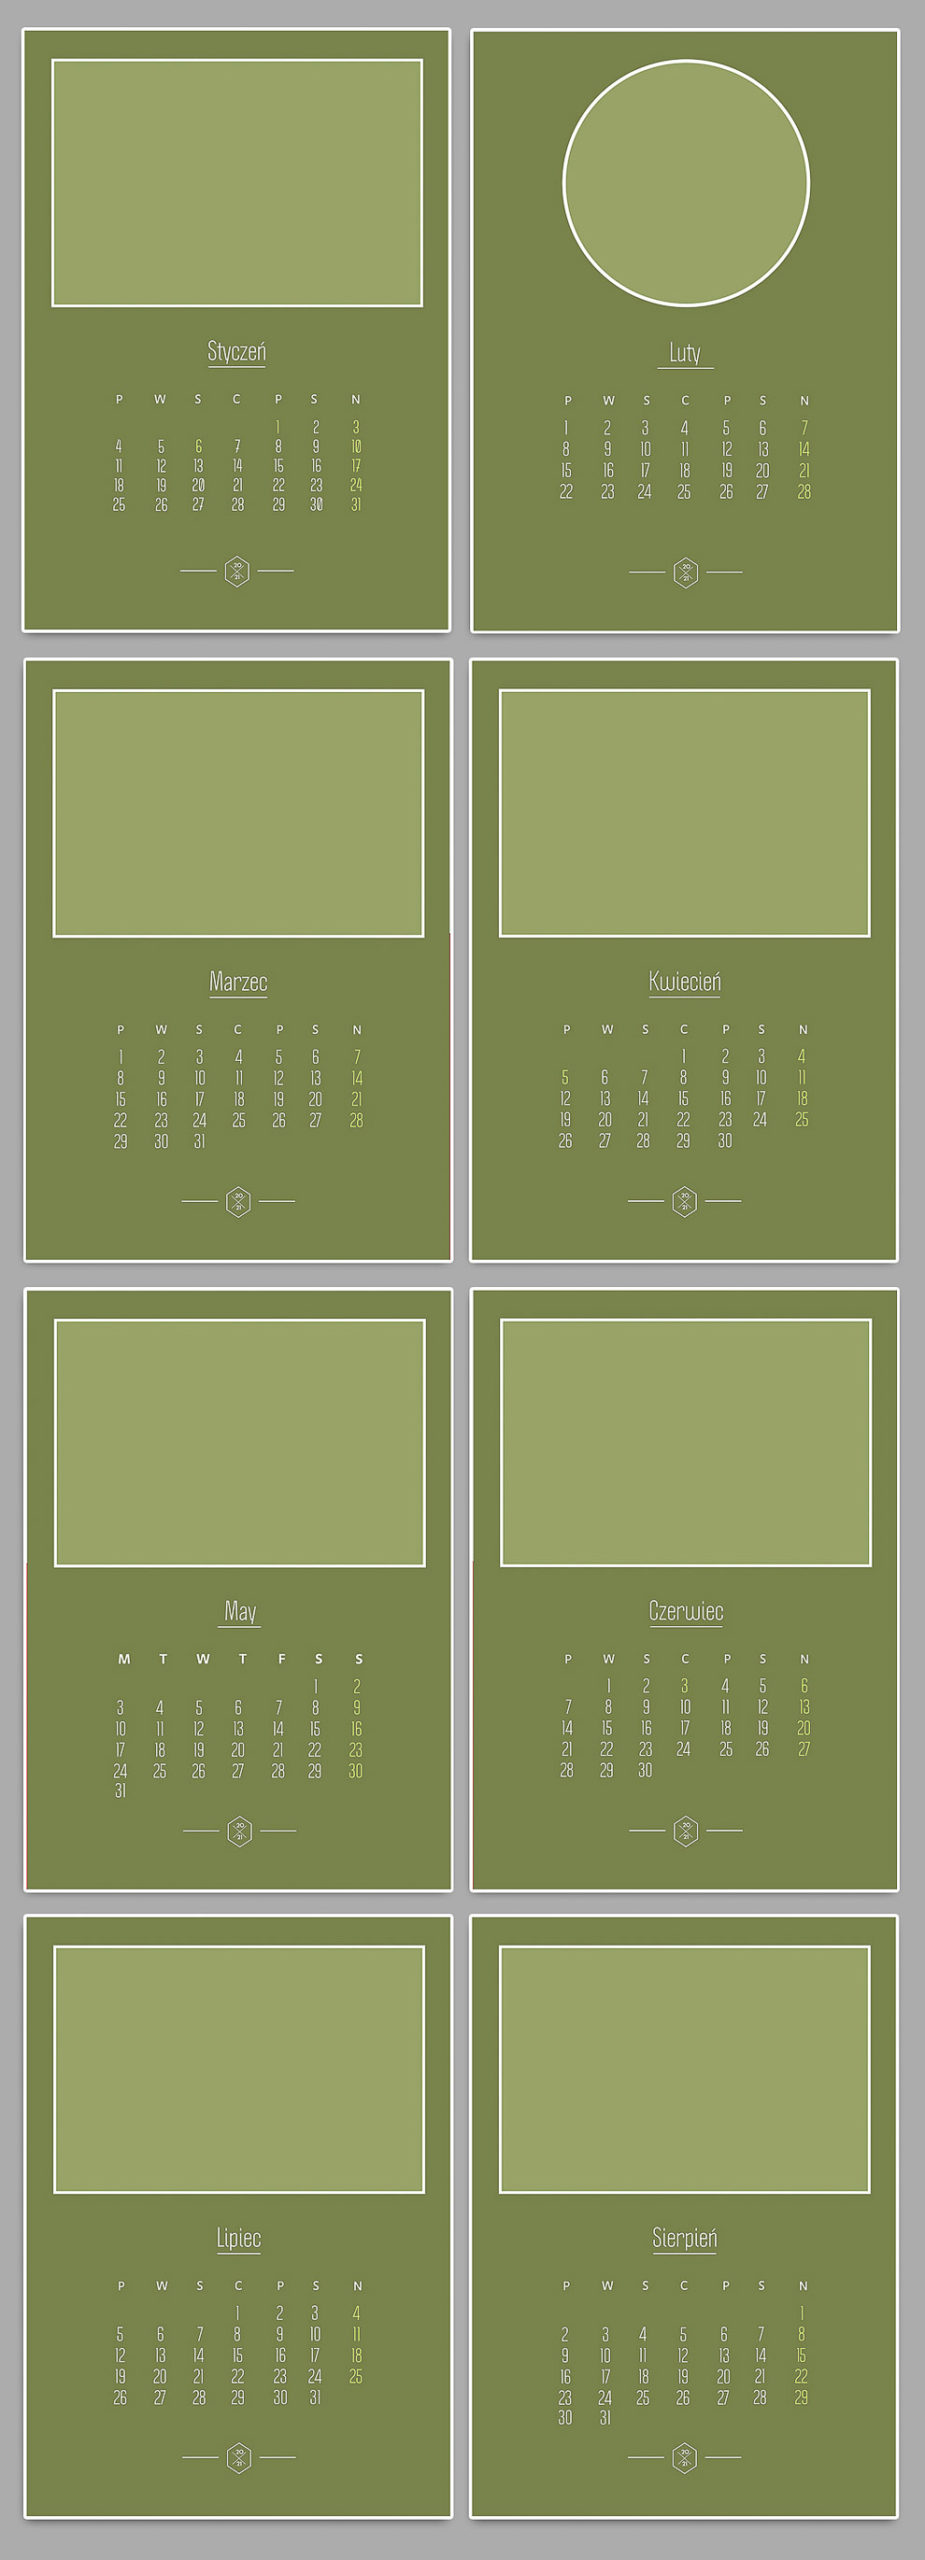 foto kalendarz szablony kalendarium 2021 projekty